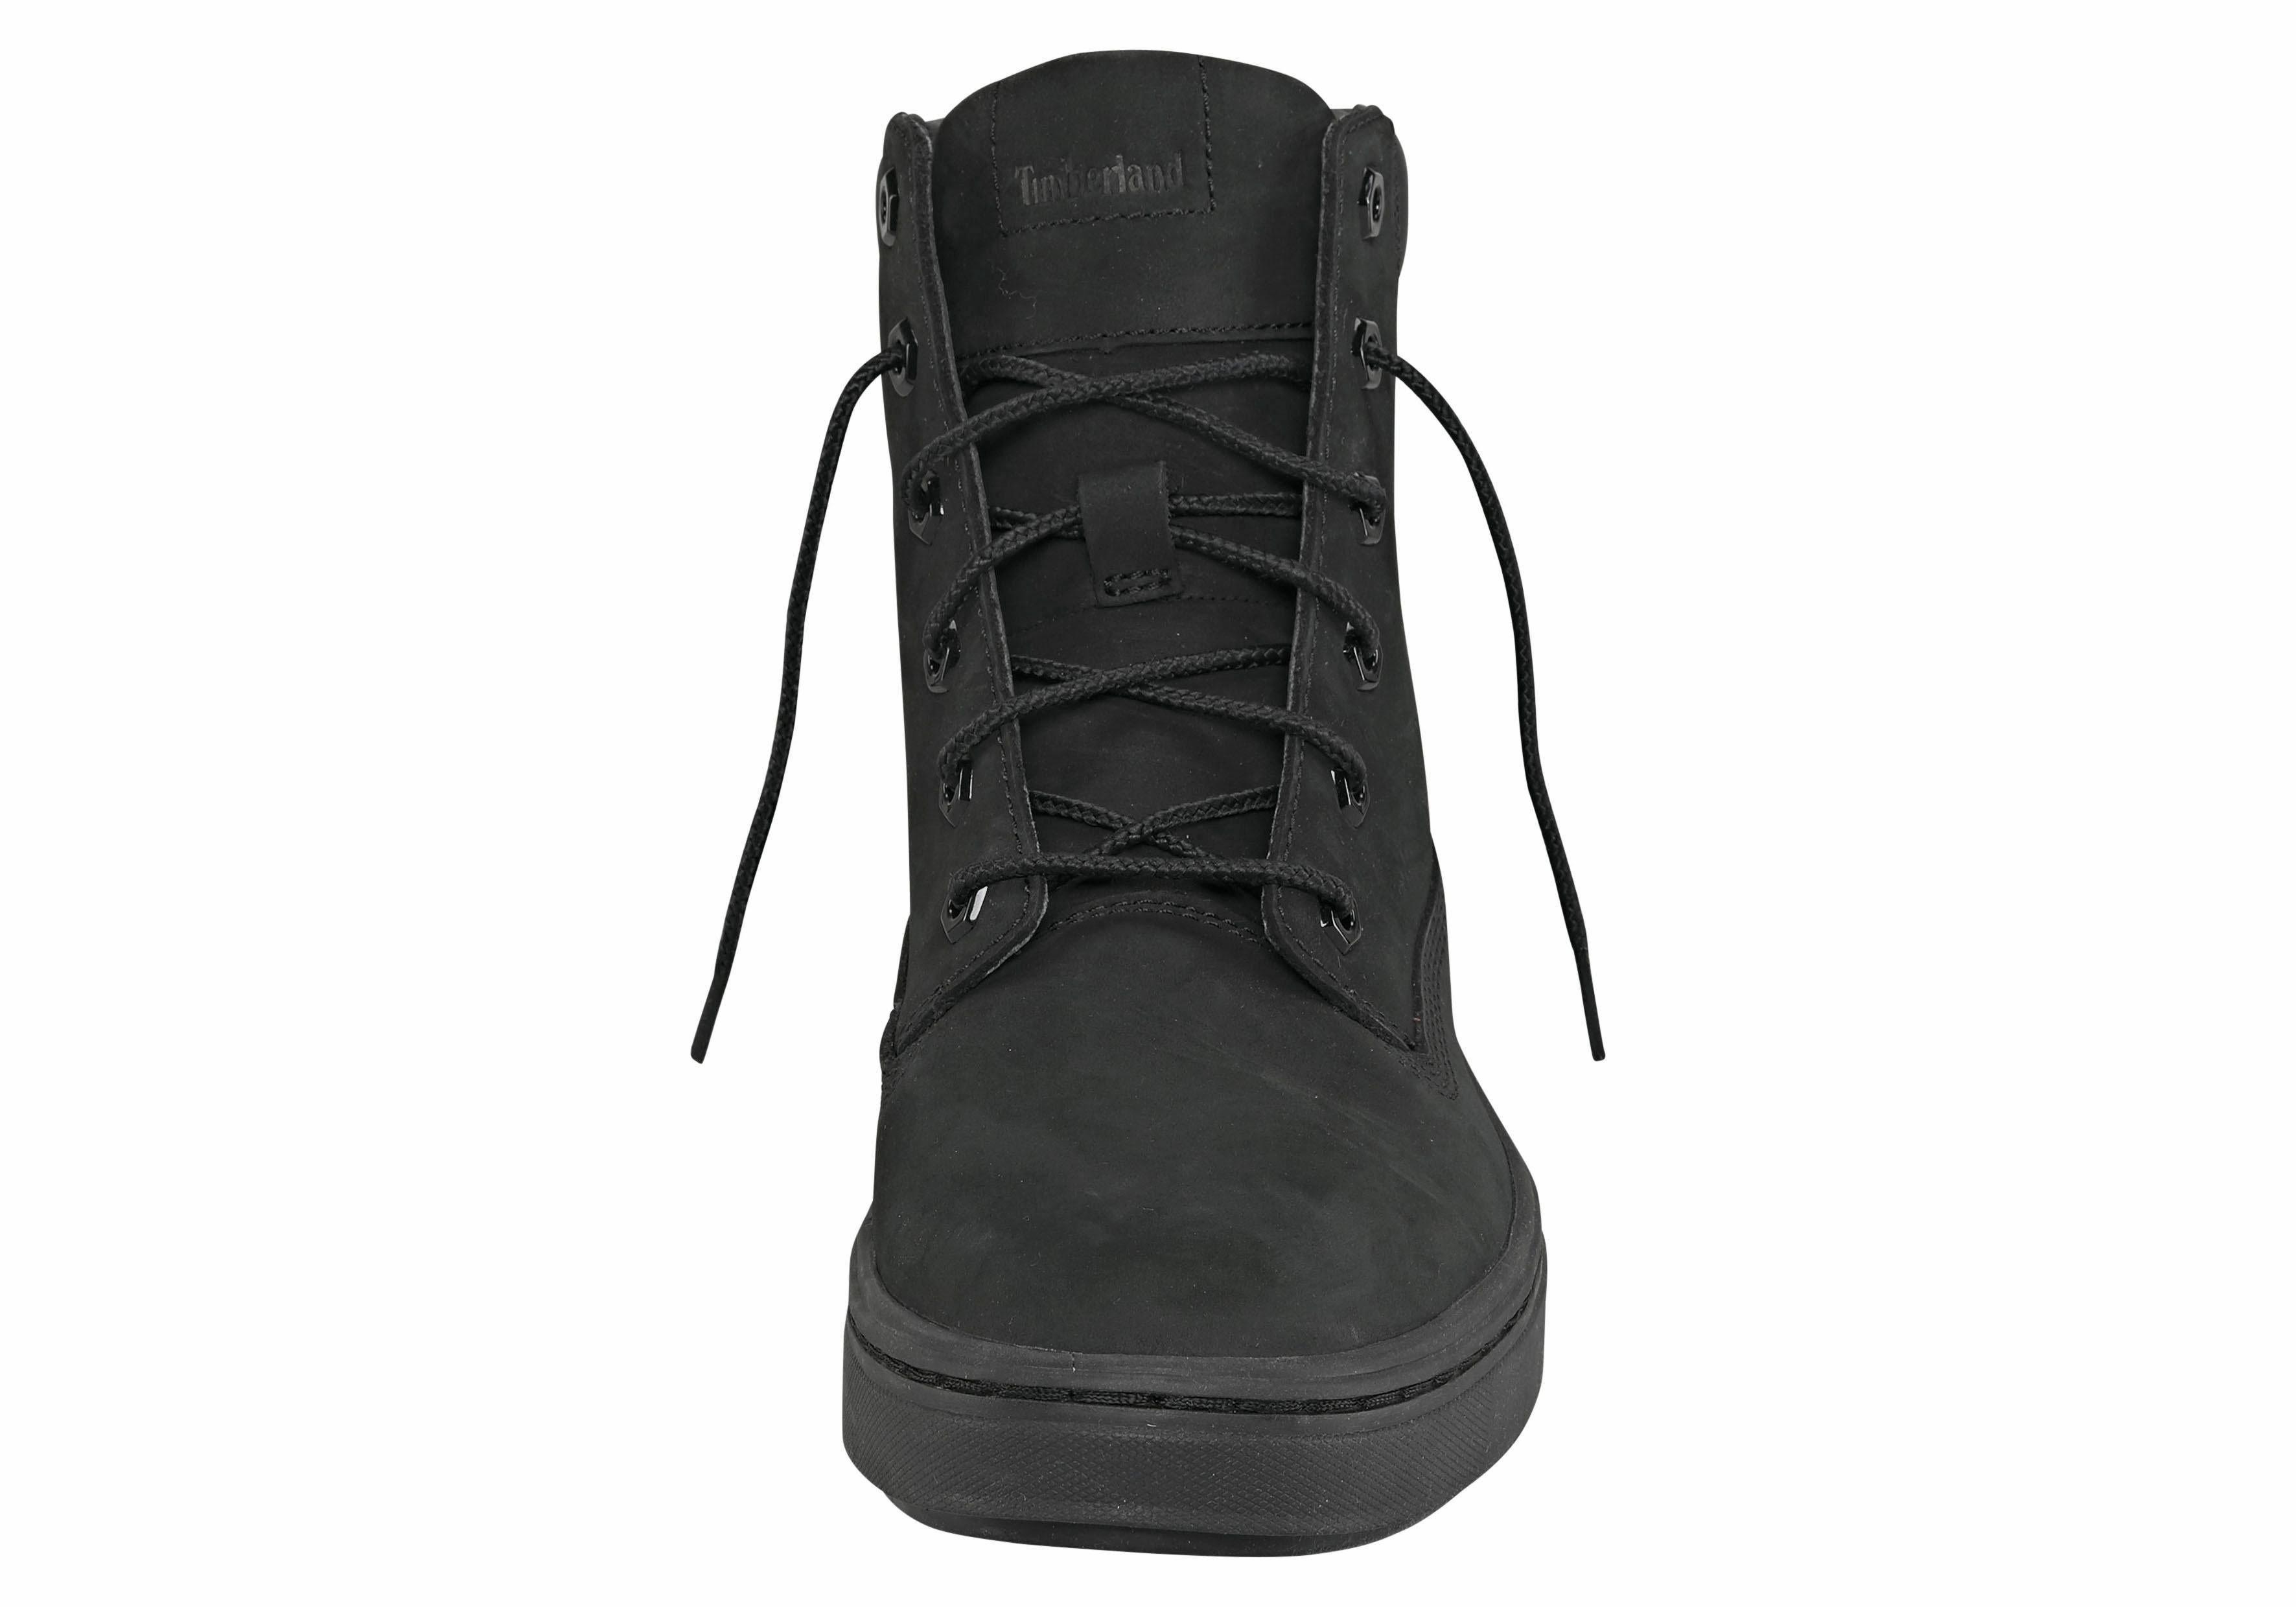 Sneaker Timberland 6 Schwarz Londyn 5 Inch Women's 6 Gr rvxIprwq